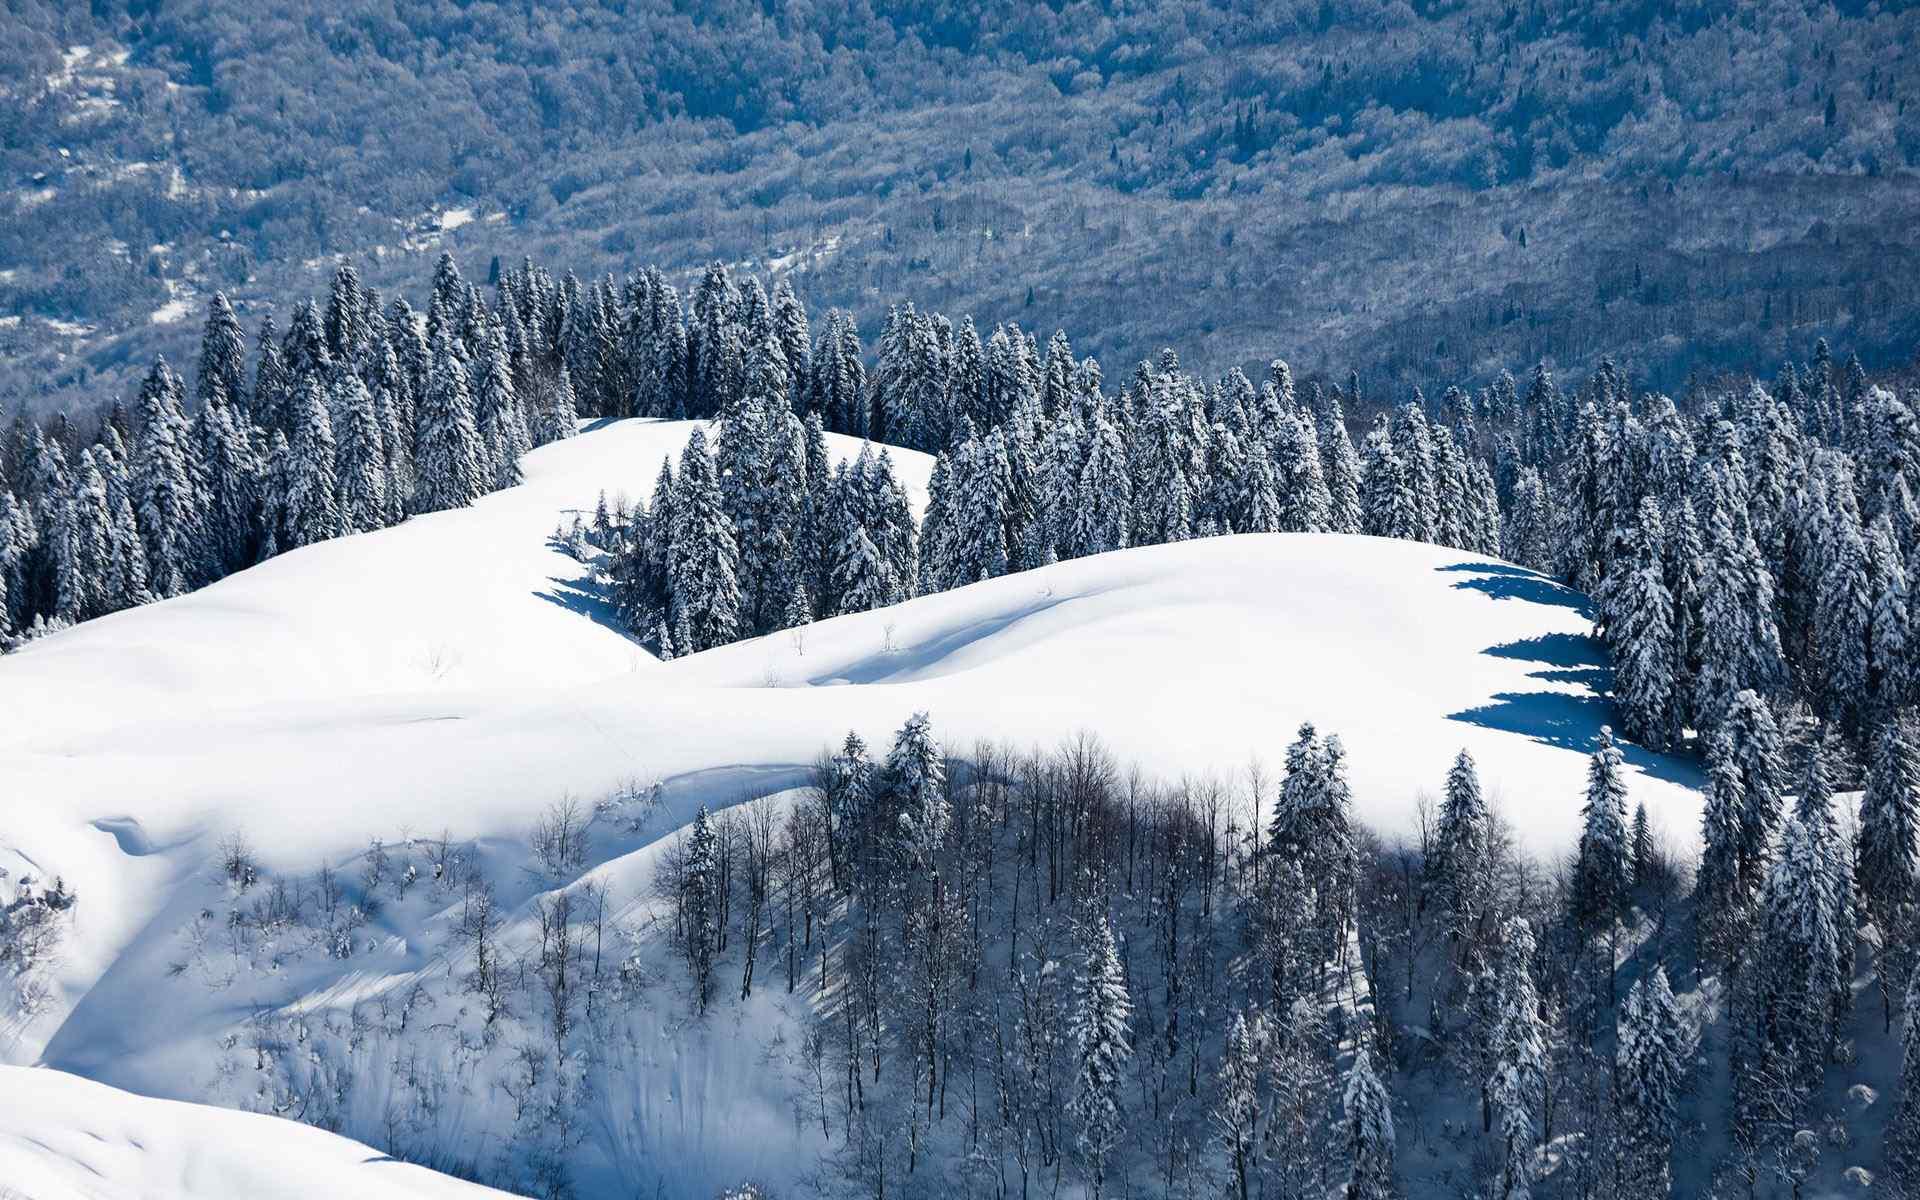 超清壁纸1920x1080雪景动物